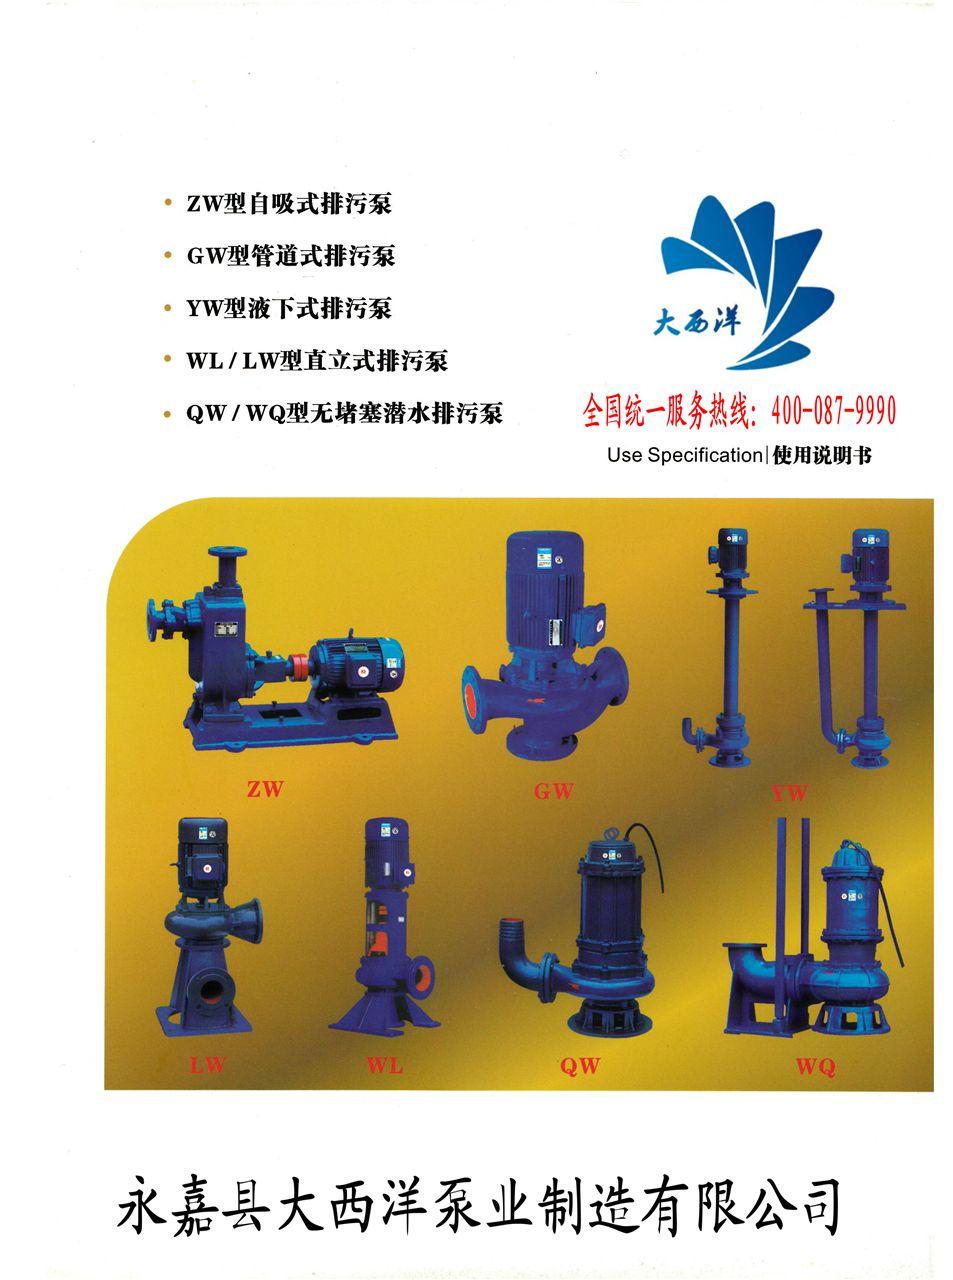 排污泵,FY液下排污泵结构图,不锈钢排污泵外形尺寸及安装,排污泵简介